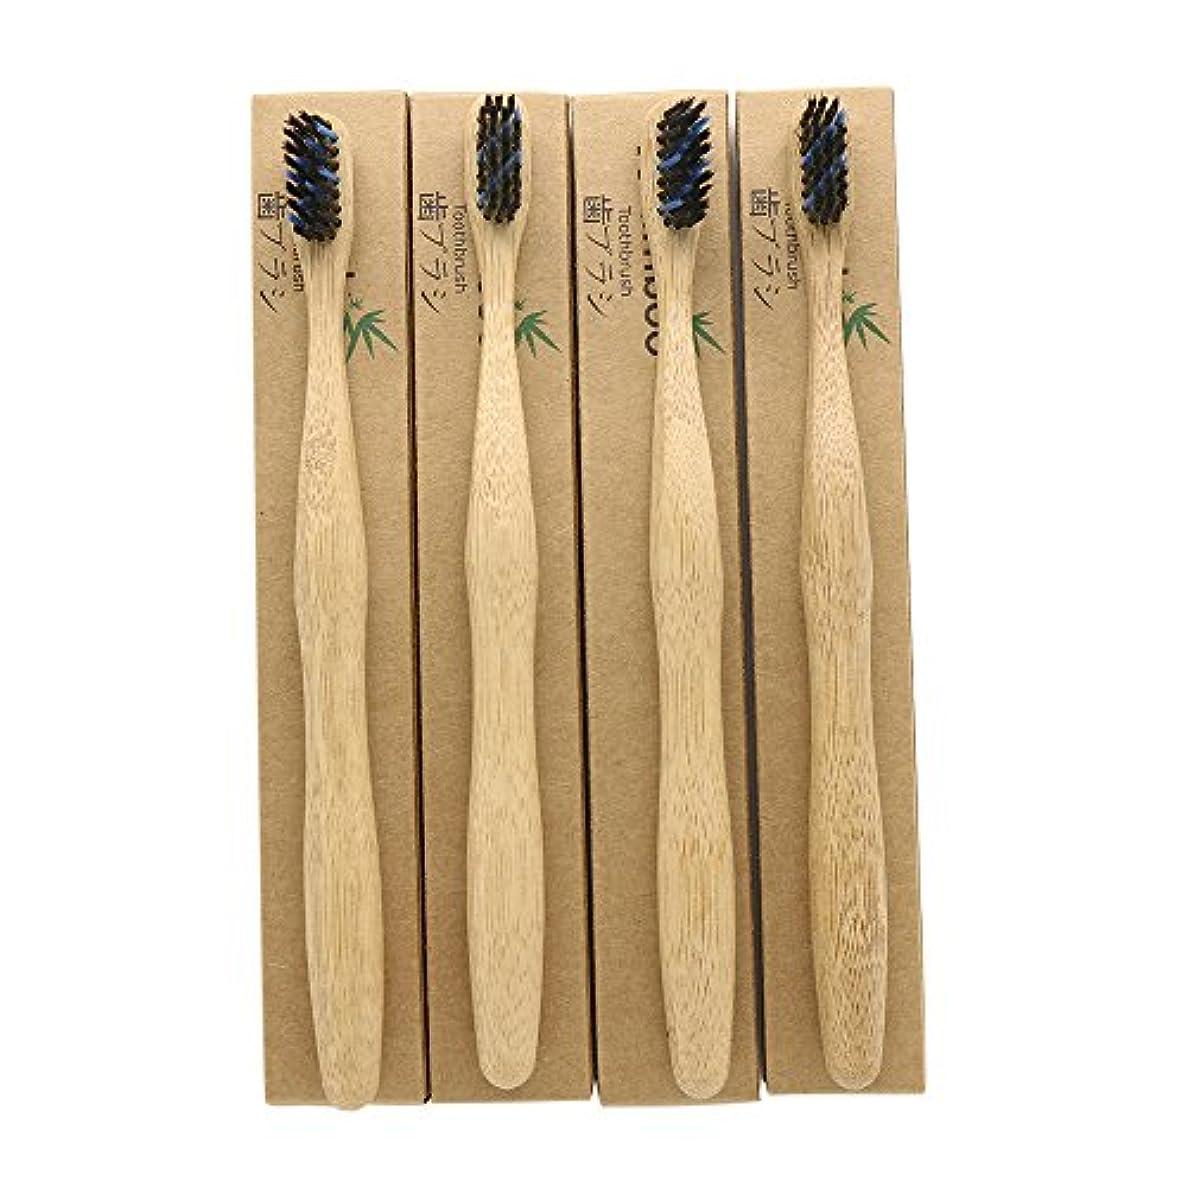 バイソンペナルティ全員N-amboo 竹製耐久度高い 歯ブラシ 黒いと青い 4本入り セット